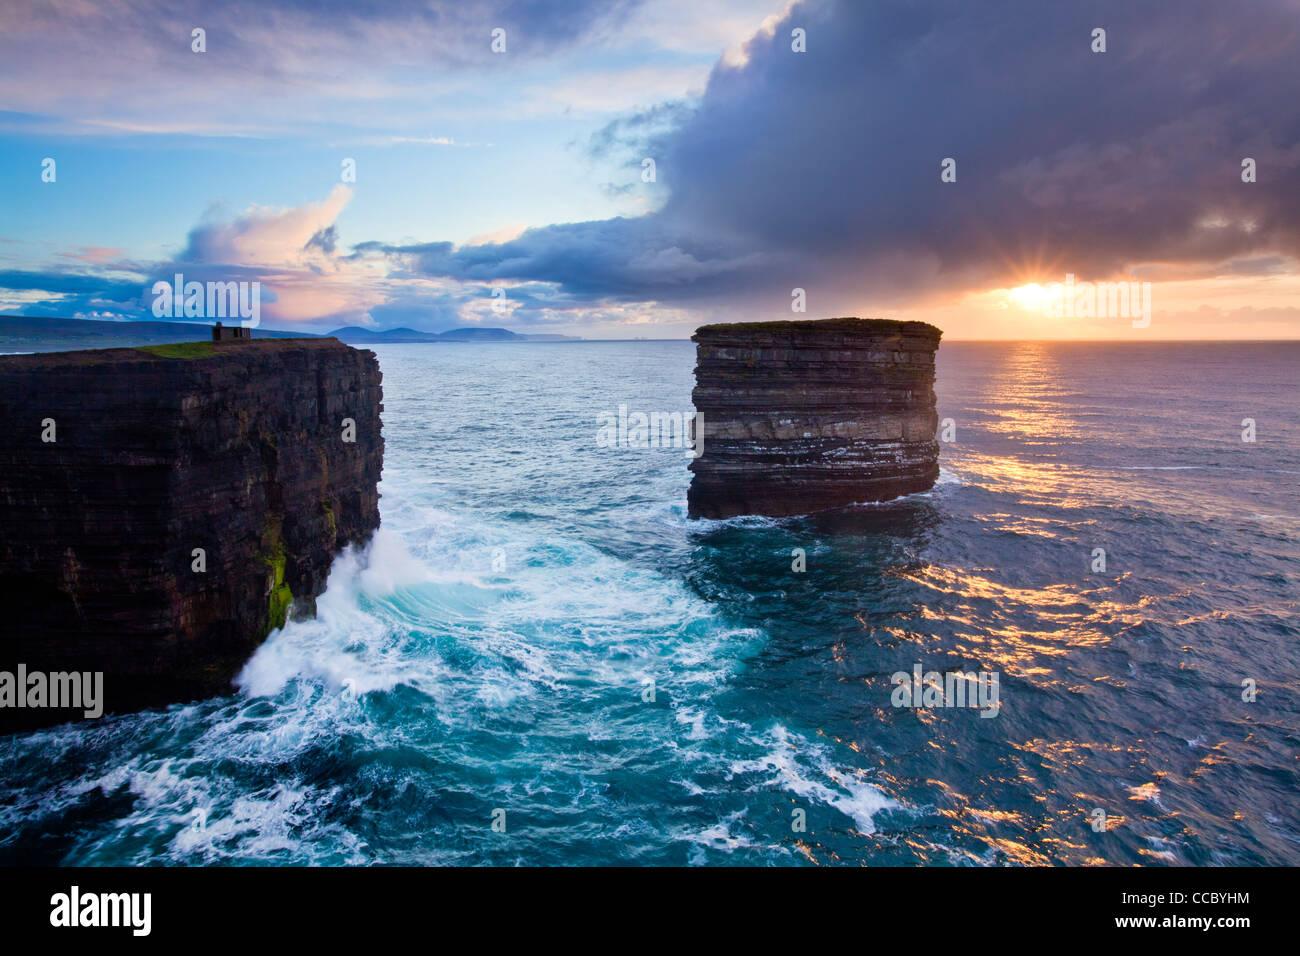 Sonnenuntergang auf der Seastack von Dun Briste, Downpatrick Head, County Mayo, Irland. Stockfoto